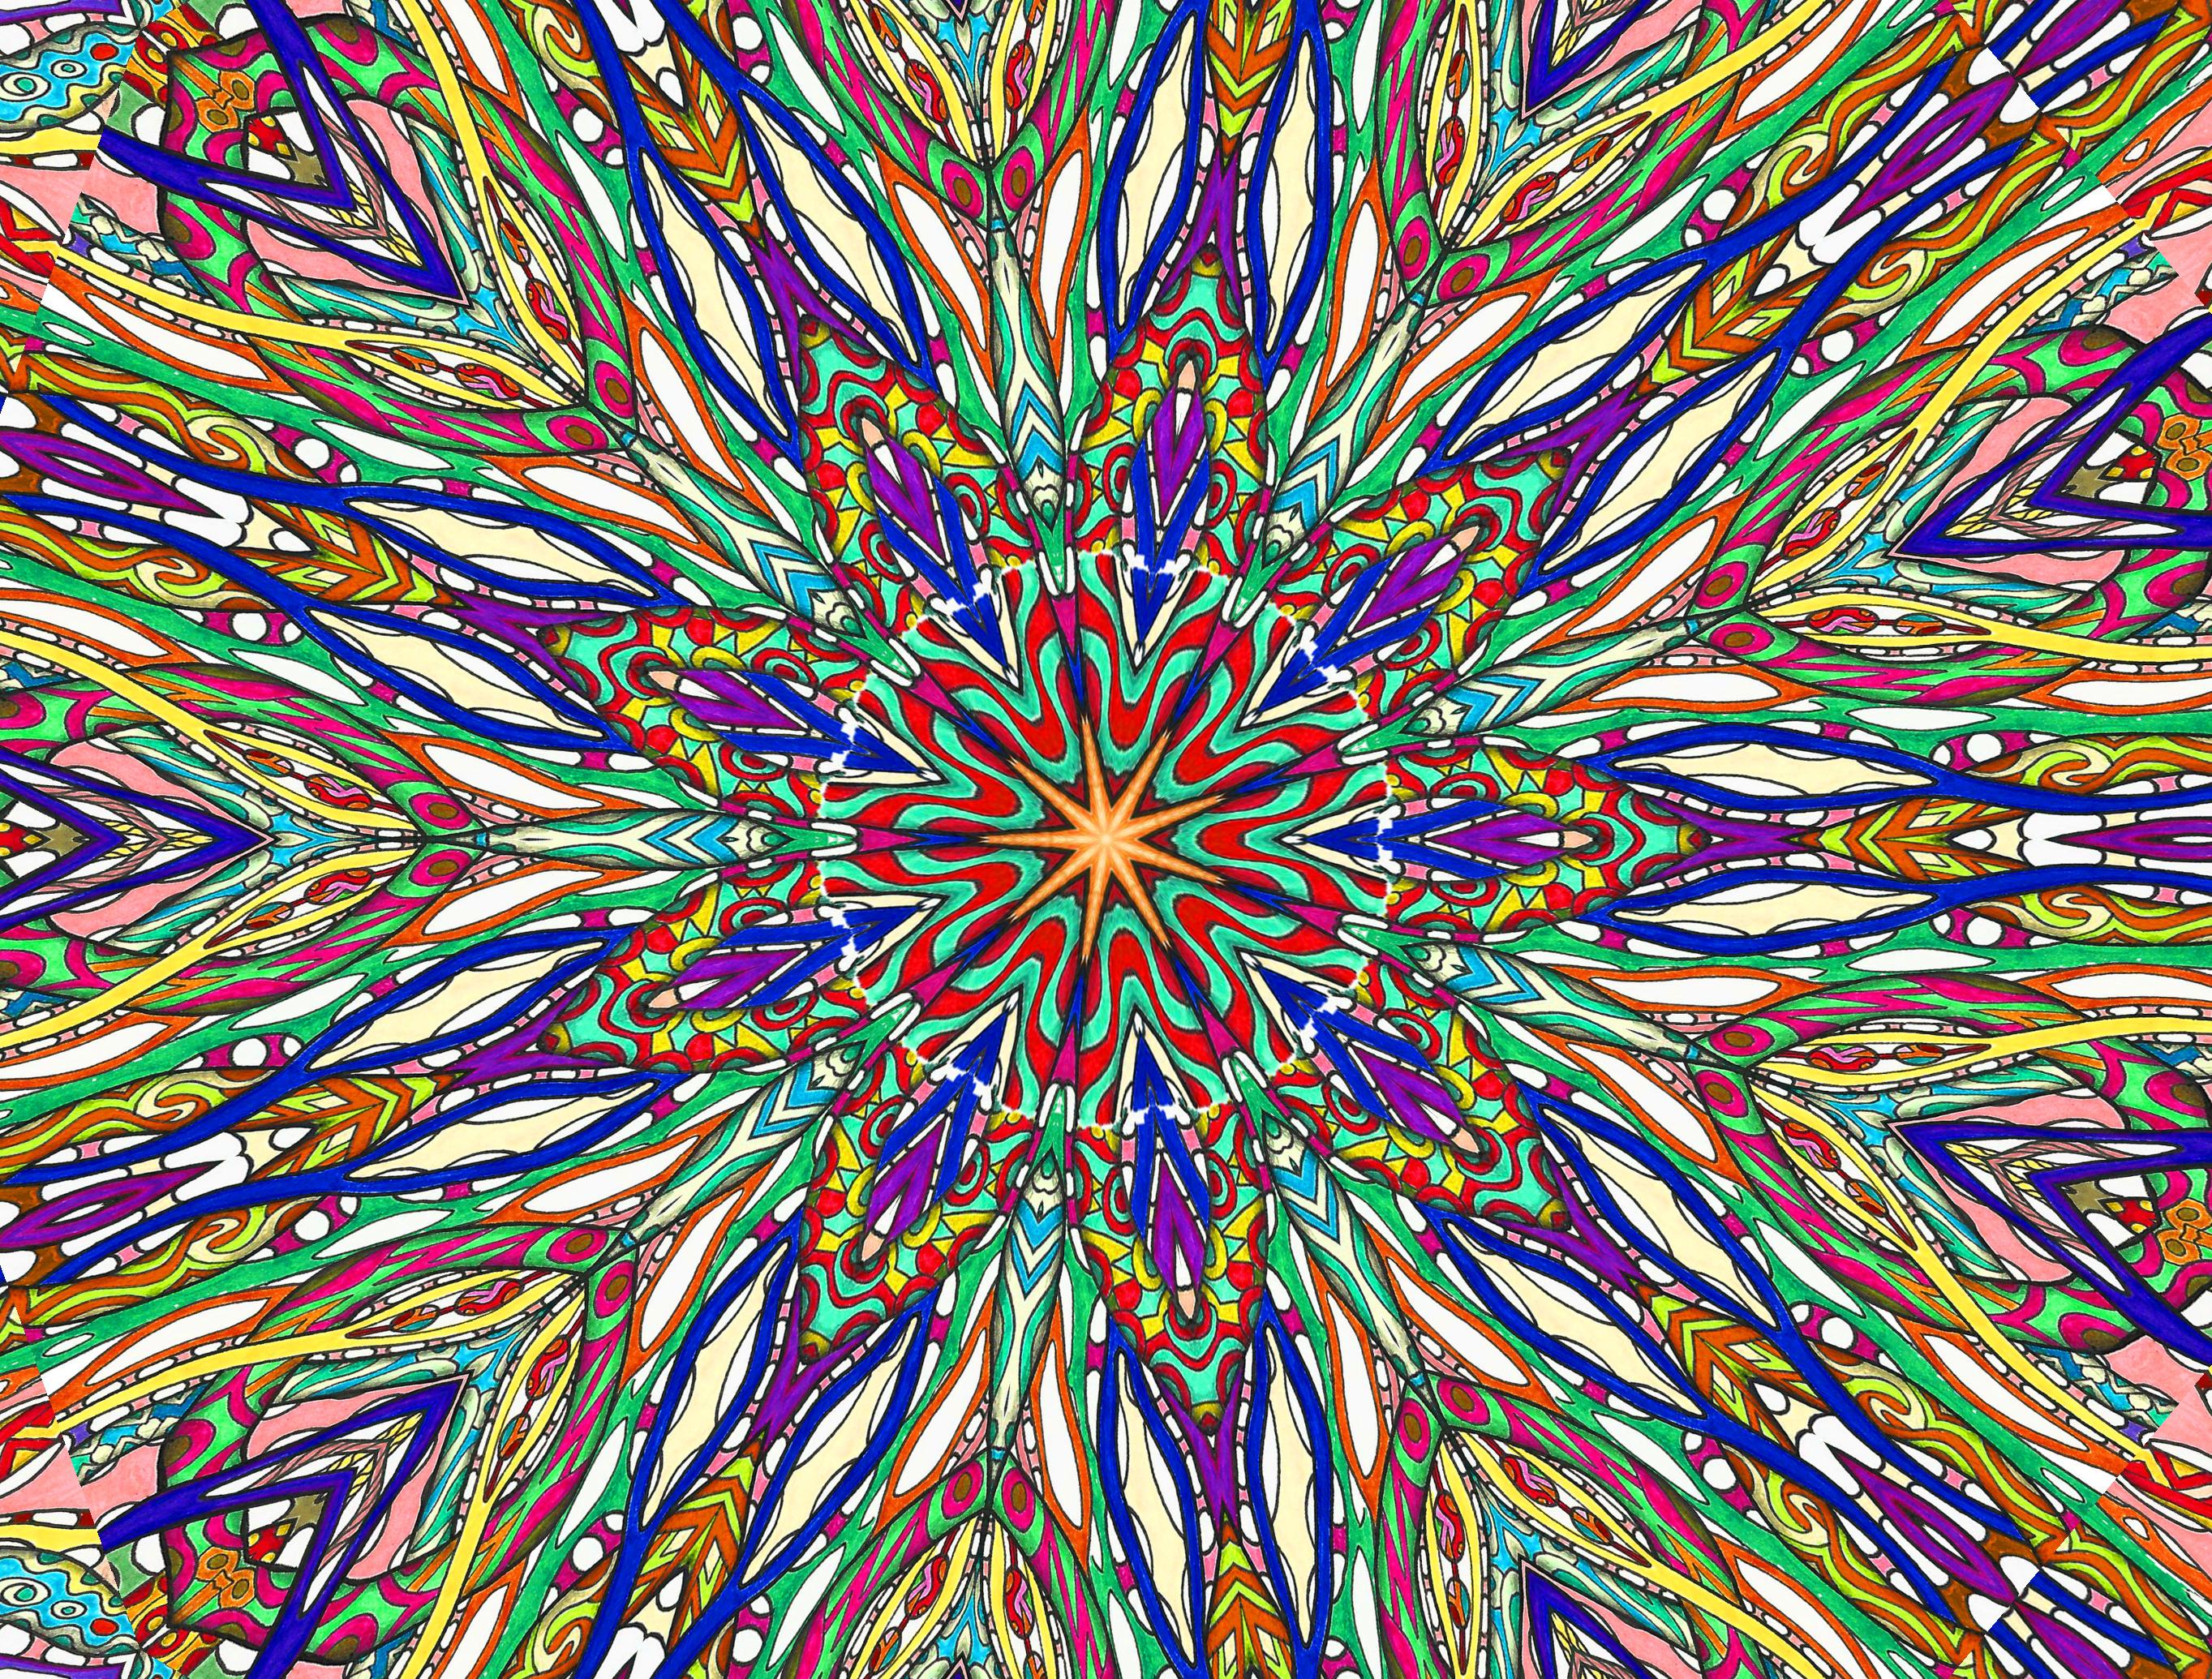 этот калейдоскоп картинки внутри связь